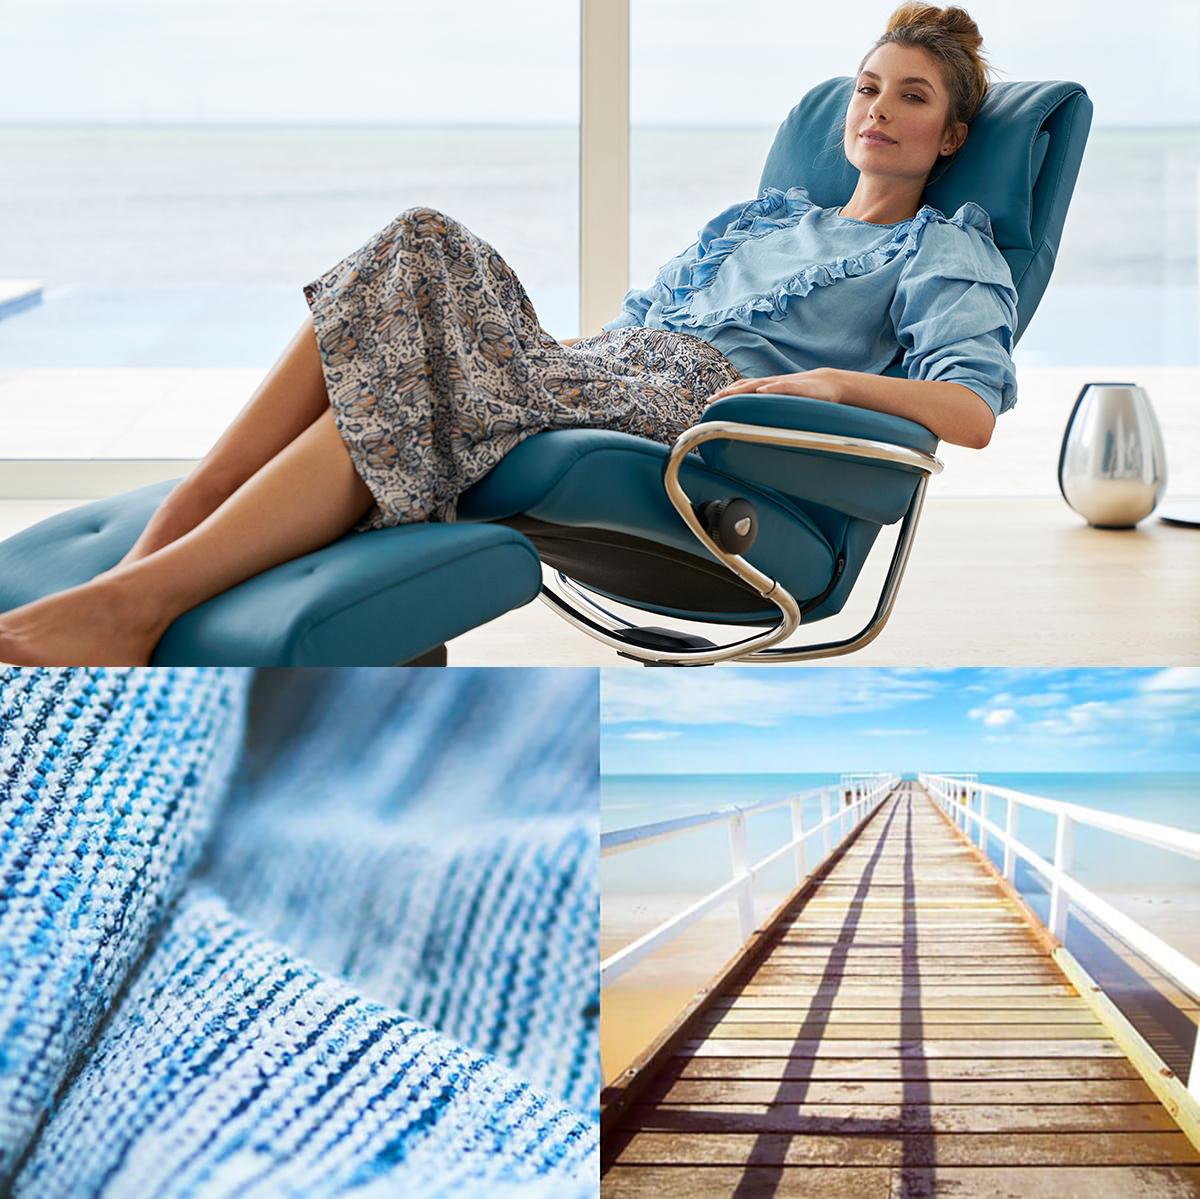 Frische Farbkombinationen in Blautönen sorgen nicht nur im Sommer für Ruhe und Entspannung.